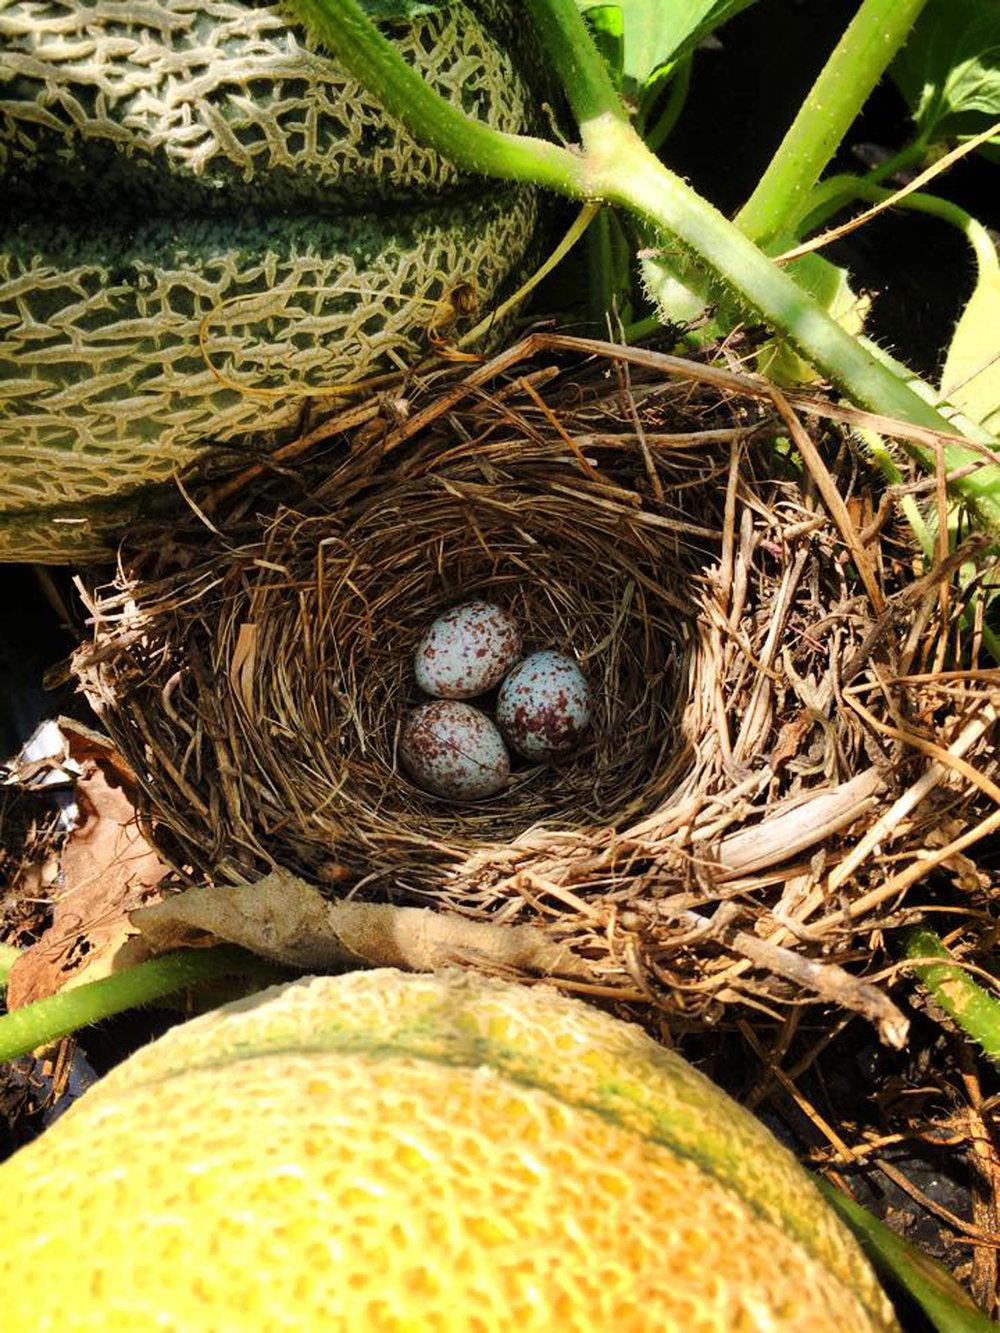 killdeer-nest2.jpg